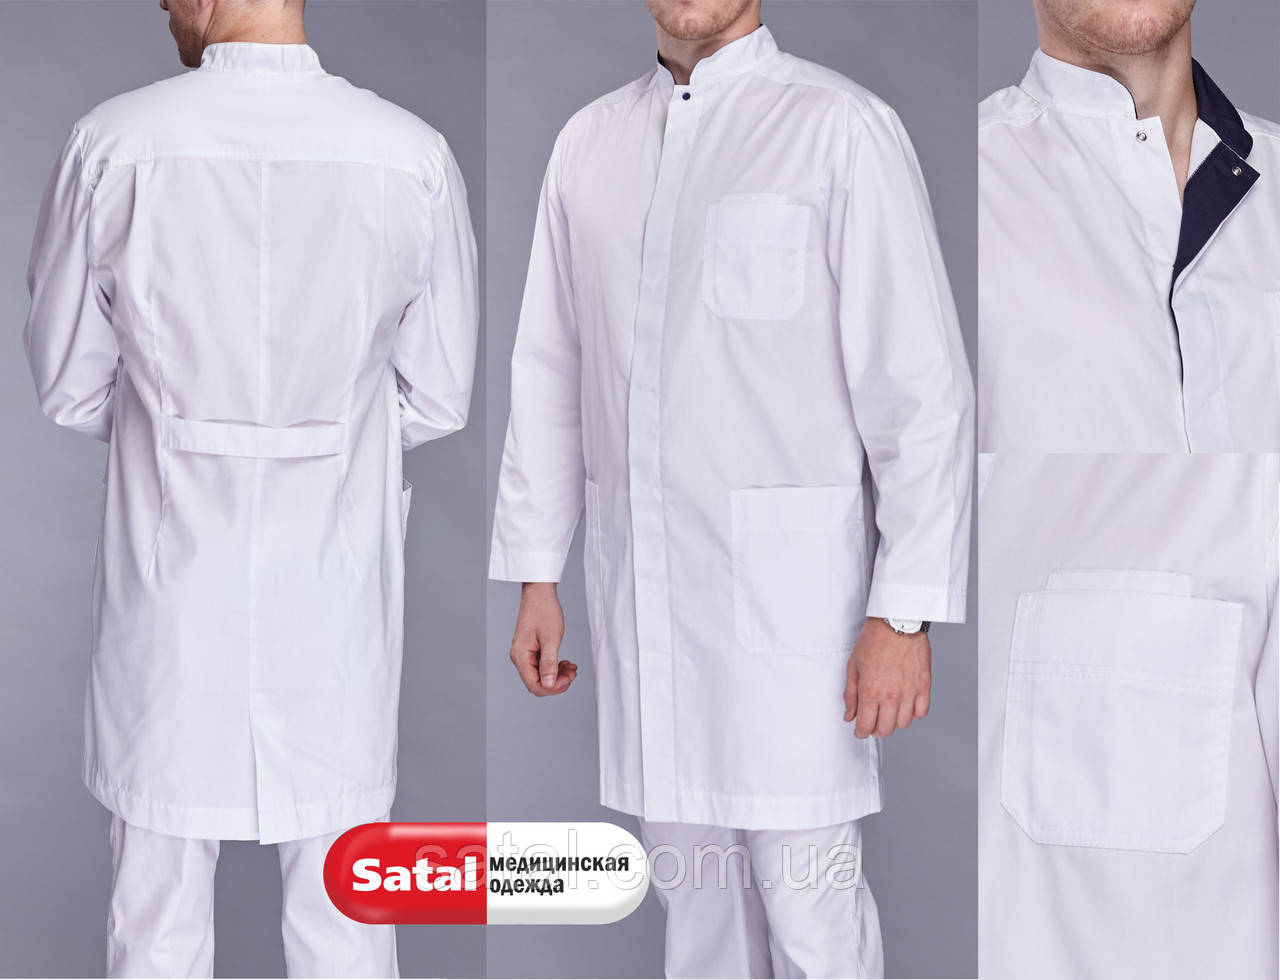 """Медицинский халат """"Браян"""" для мужчин. Белый (т-синий). Рукав длинный"""